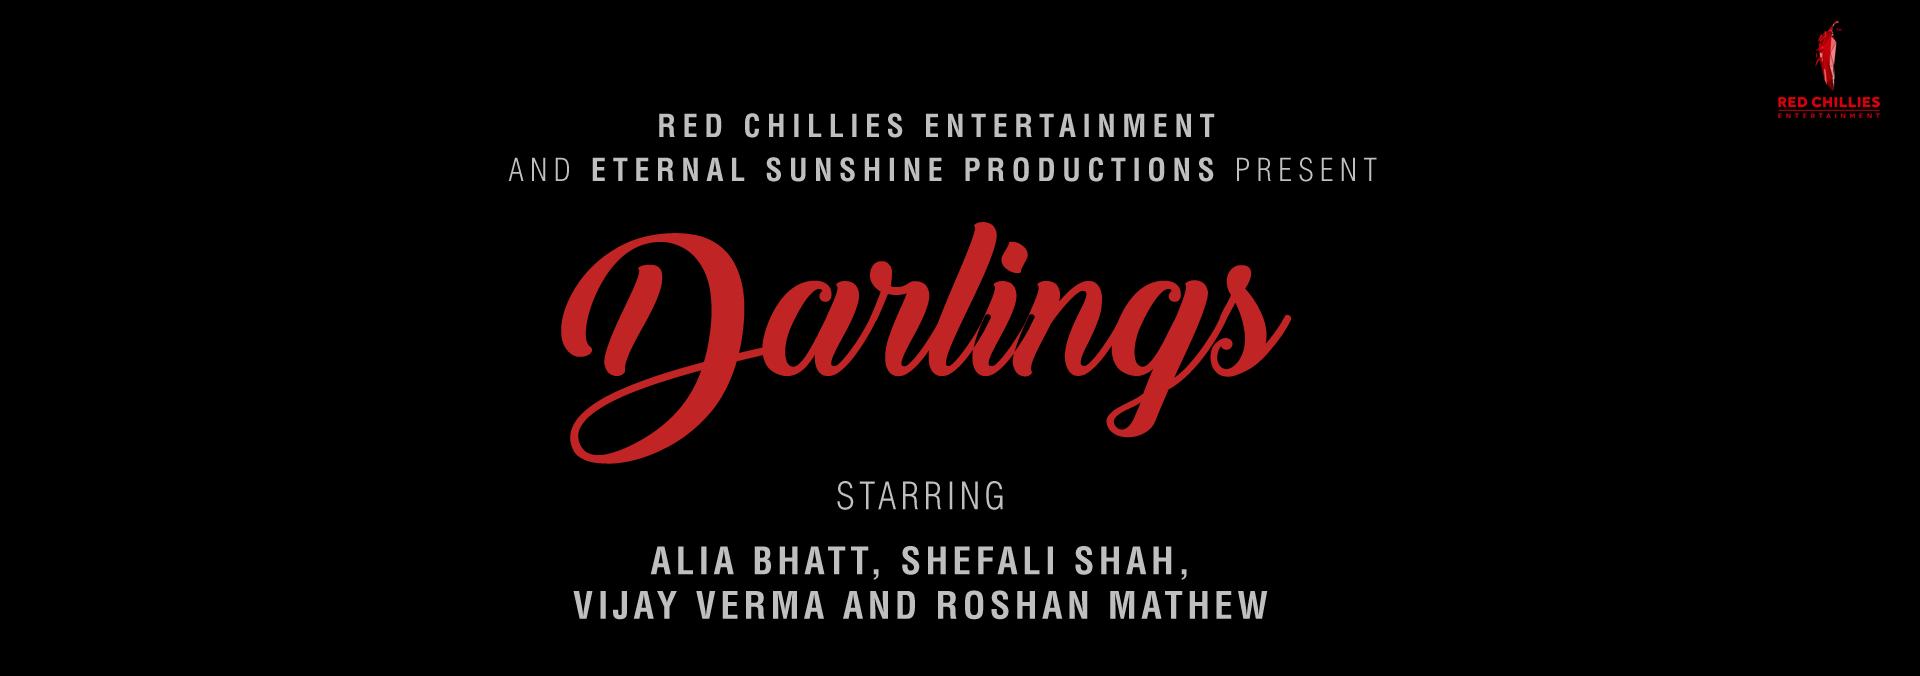 Darlings 1